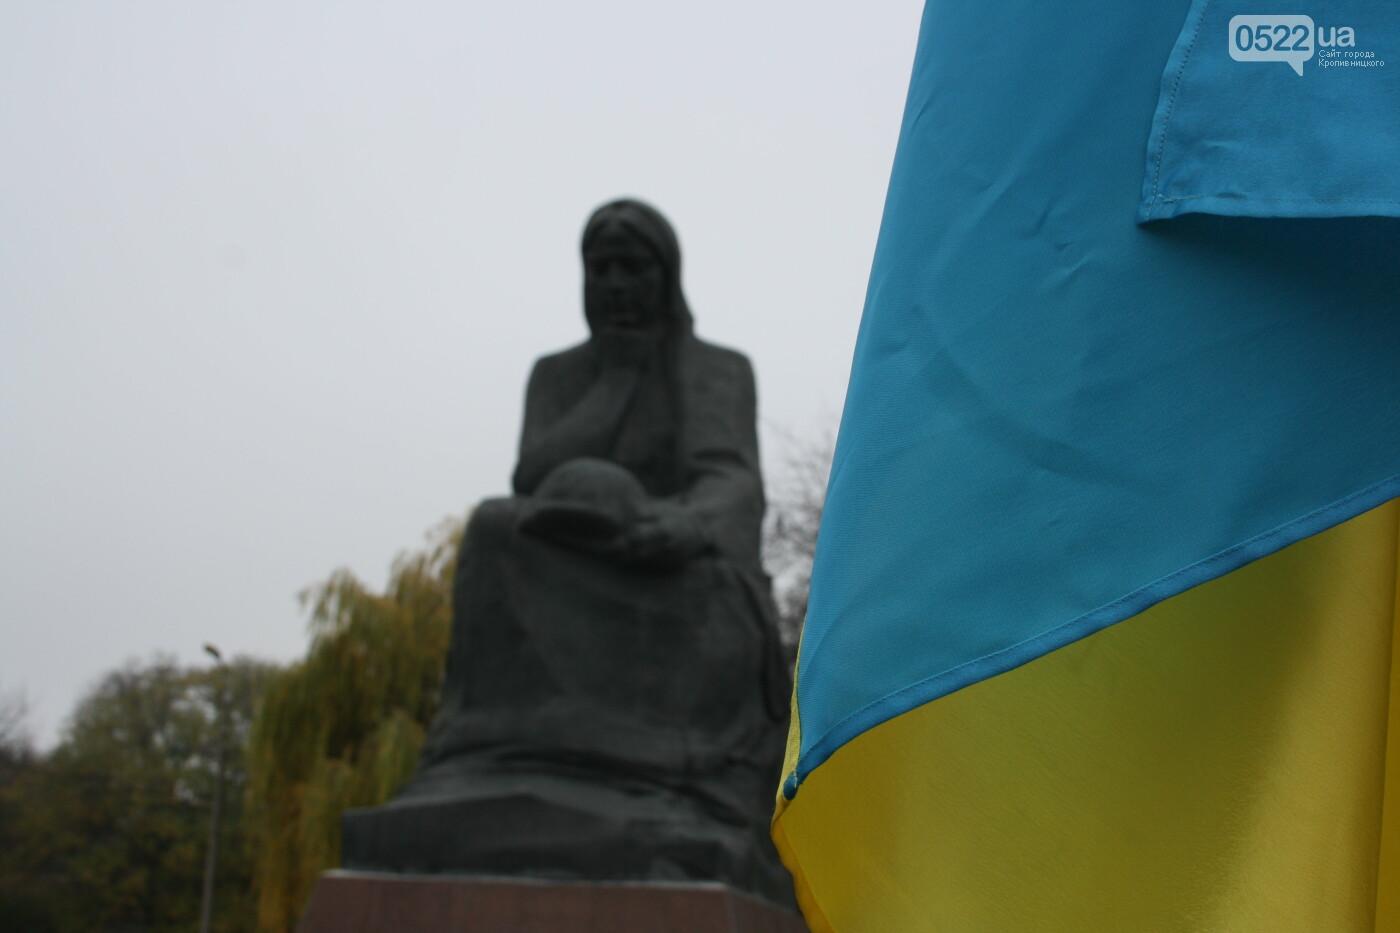 У Кропивницькому вшанували пам'ять воїнів, які загинули в боях за визволення України, фото-4